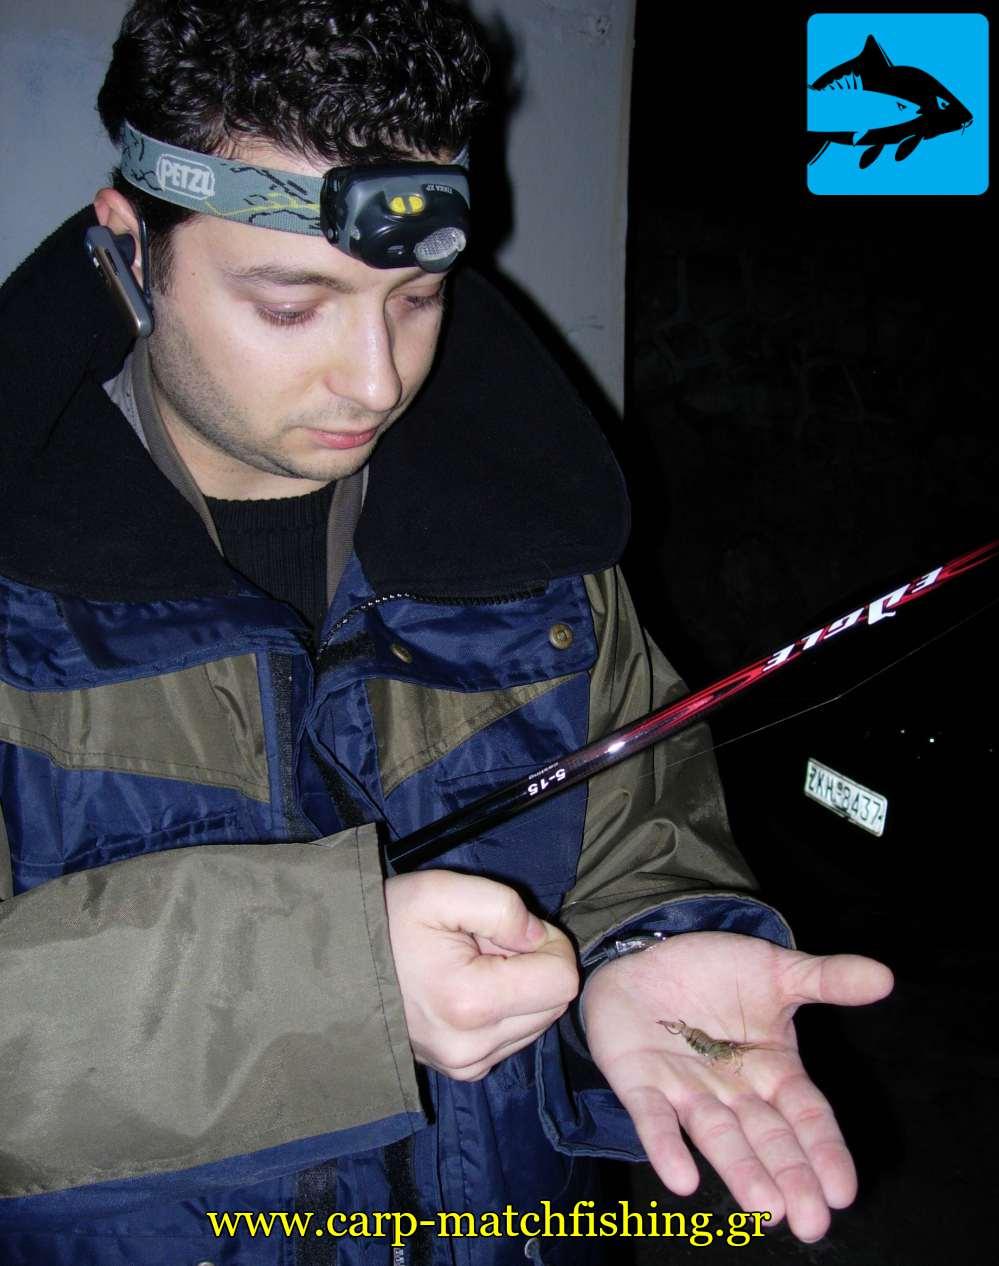 sfaltos garida zontani matchfishing float fishing carpmatchfishing